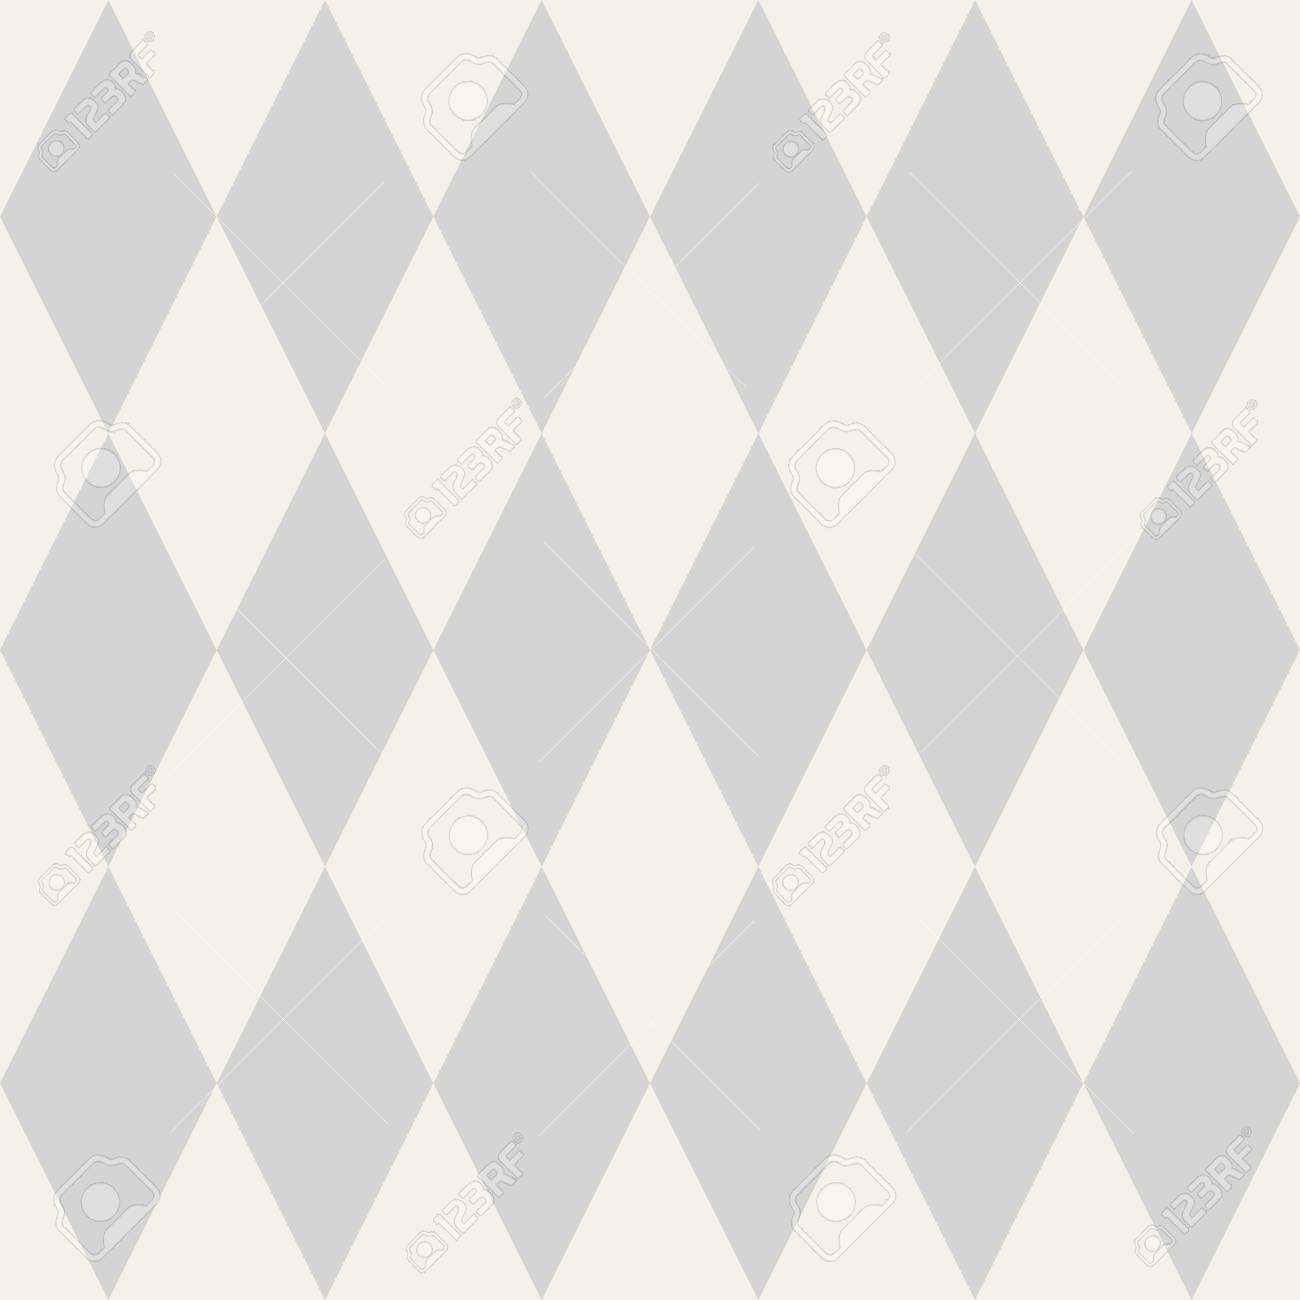 灰色と白背景の壁紙とタイルのベクトル パターンのイラスト素材